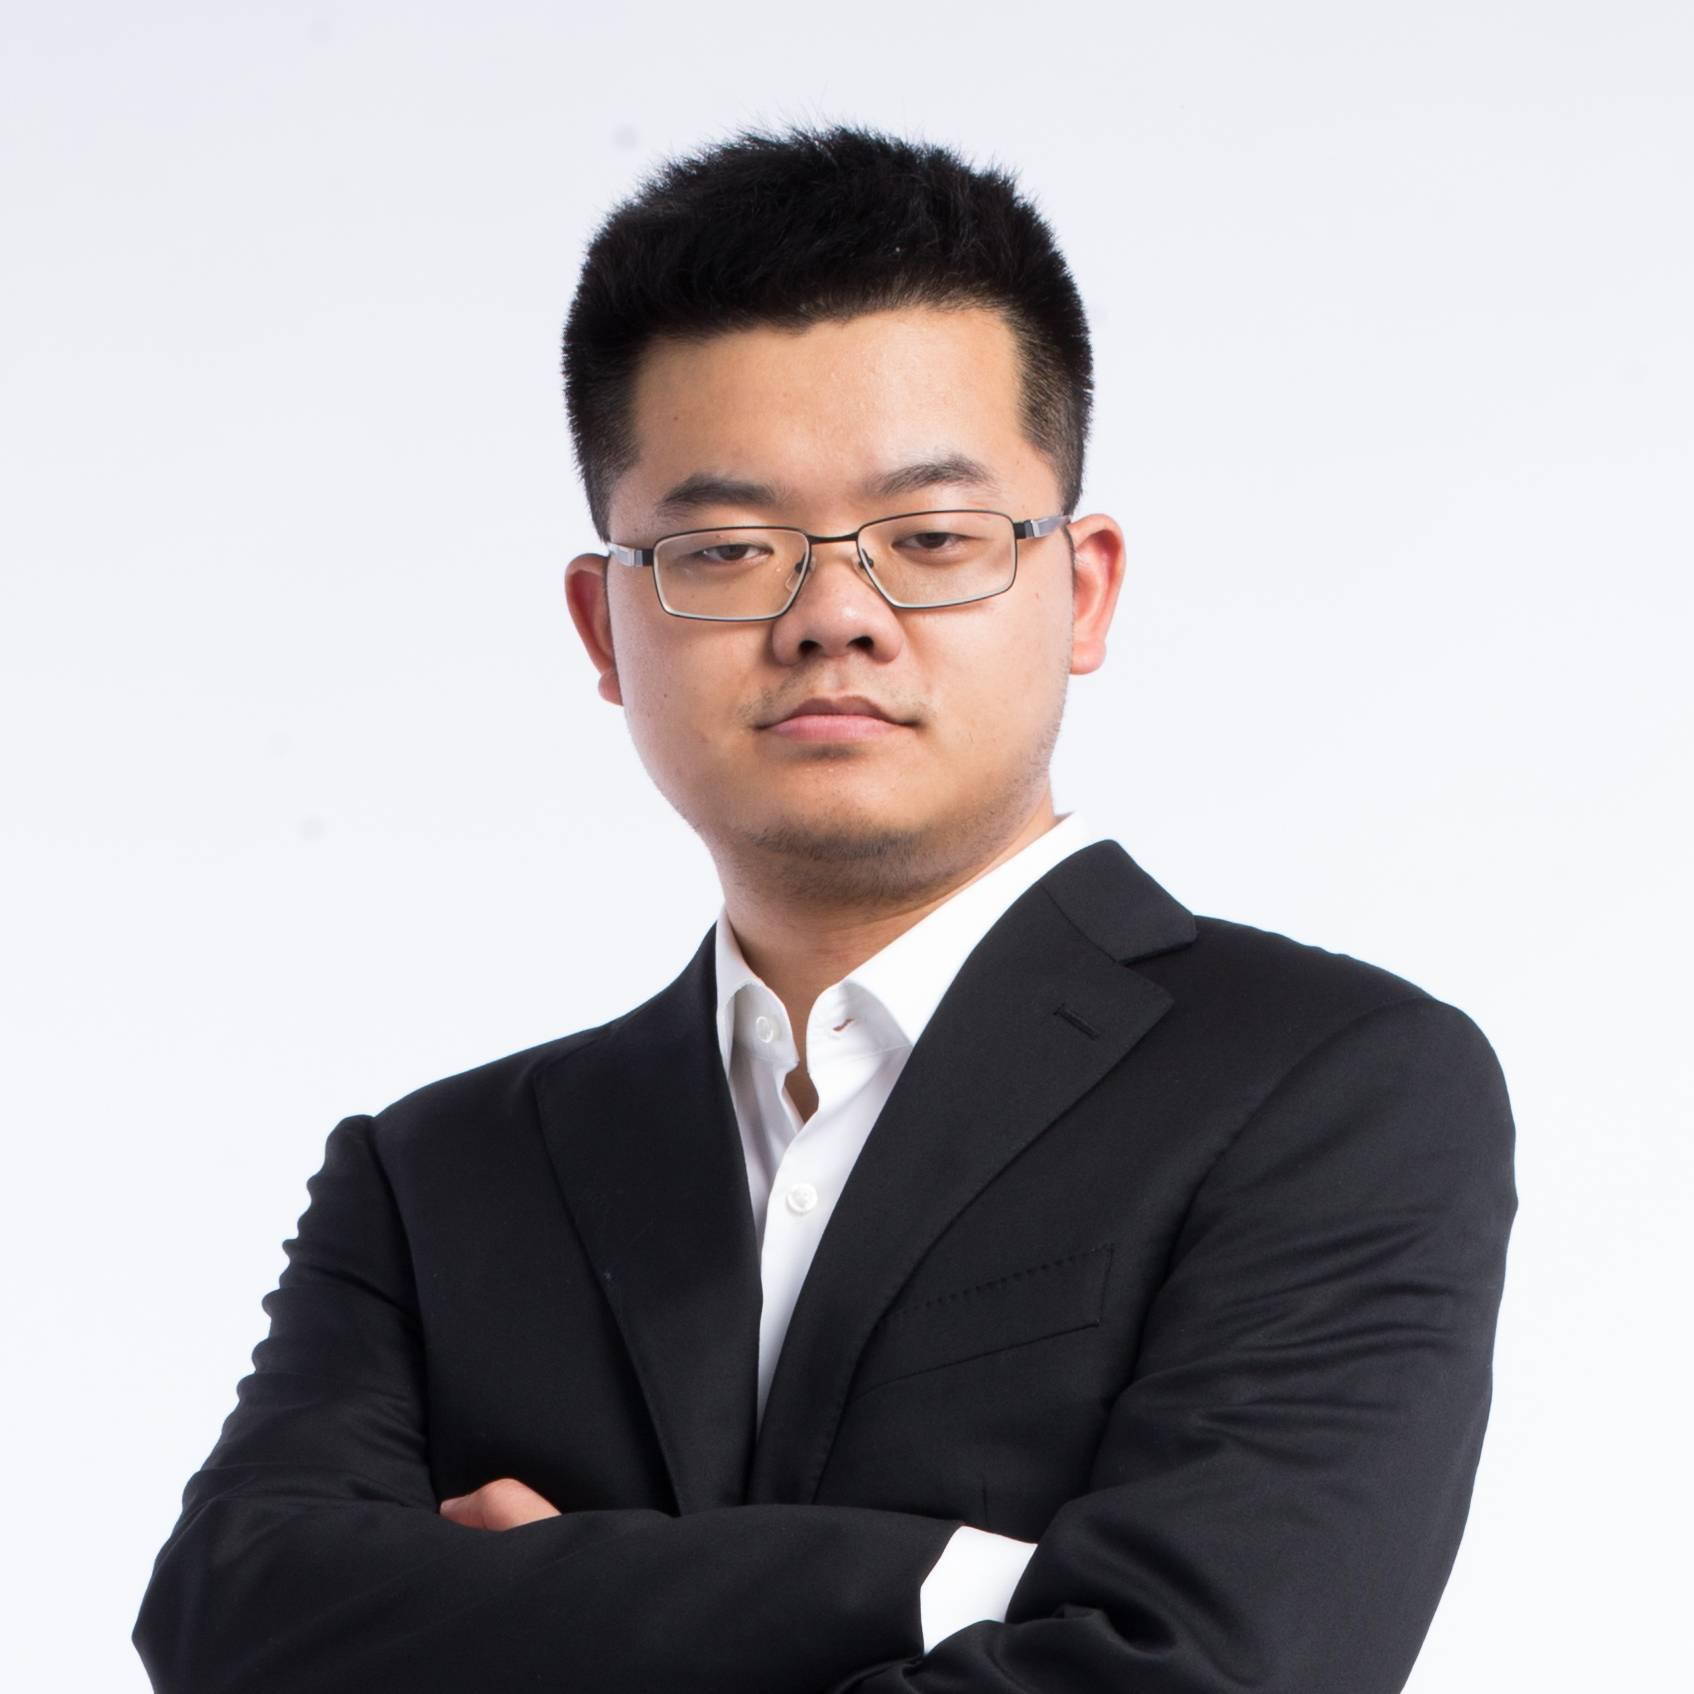 来福谐波 董事长 张杰